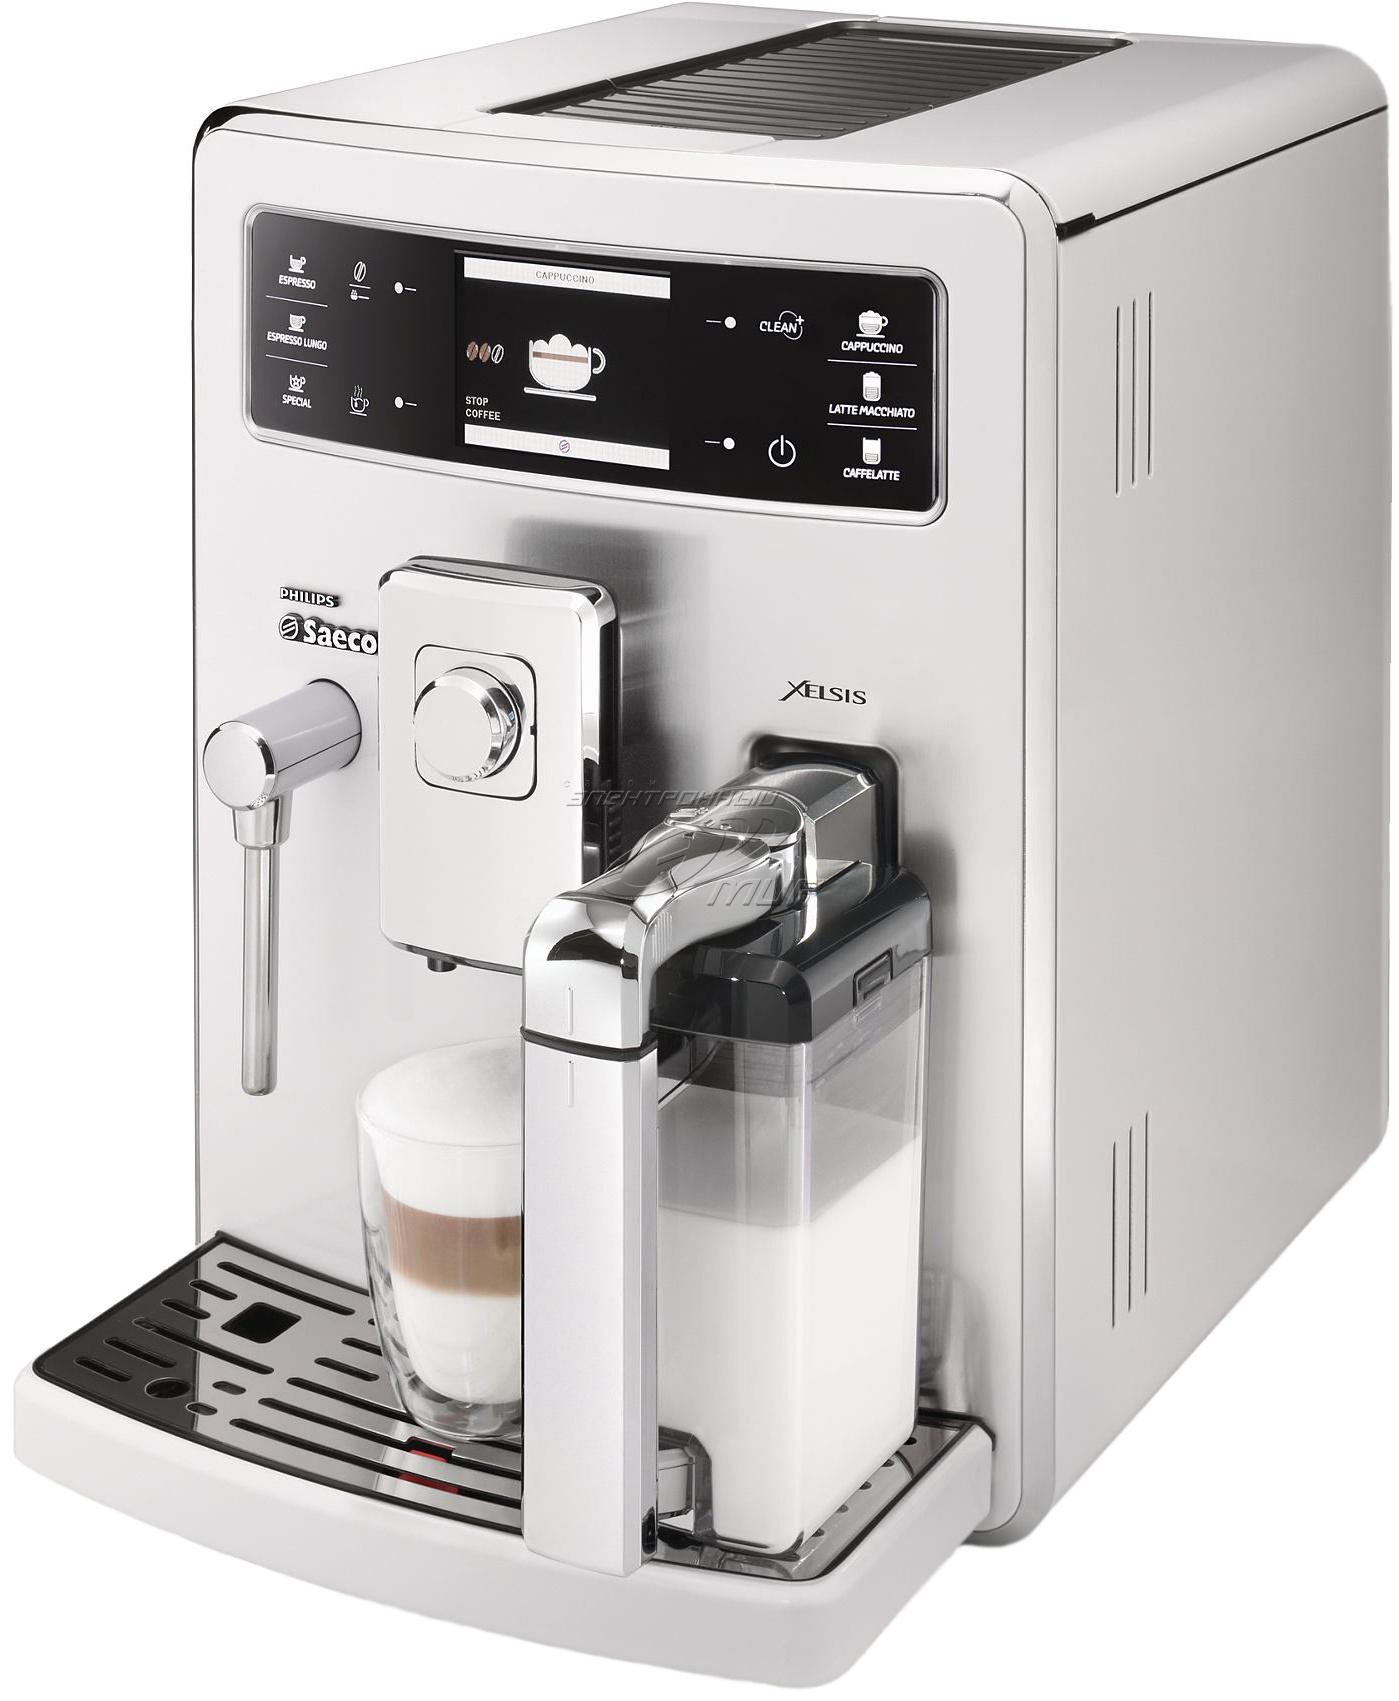 ремонт кофемашин филпс